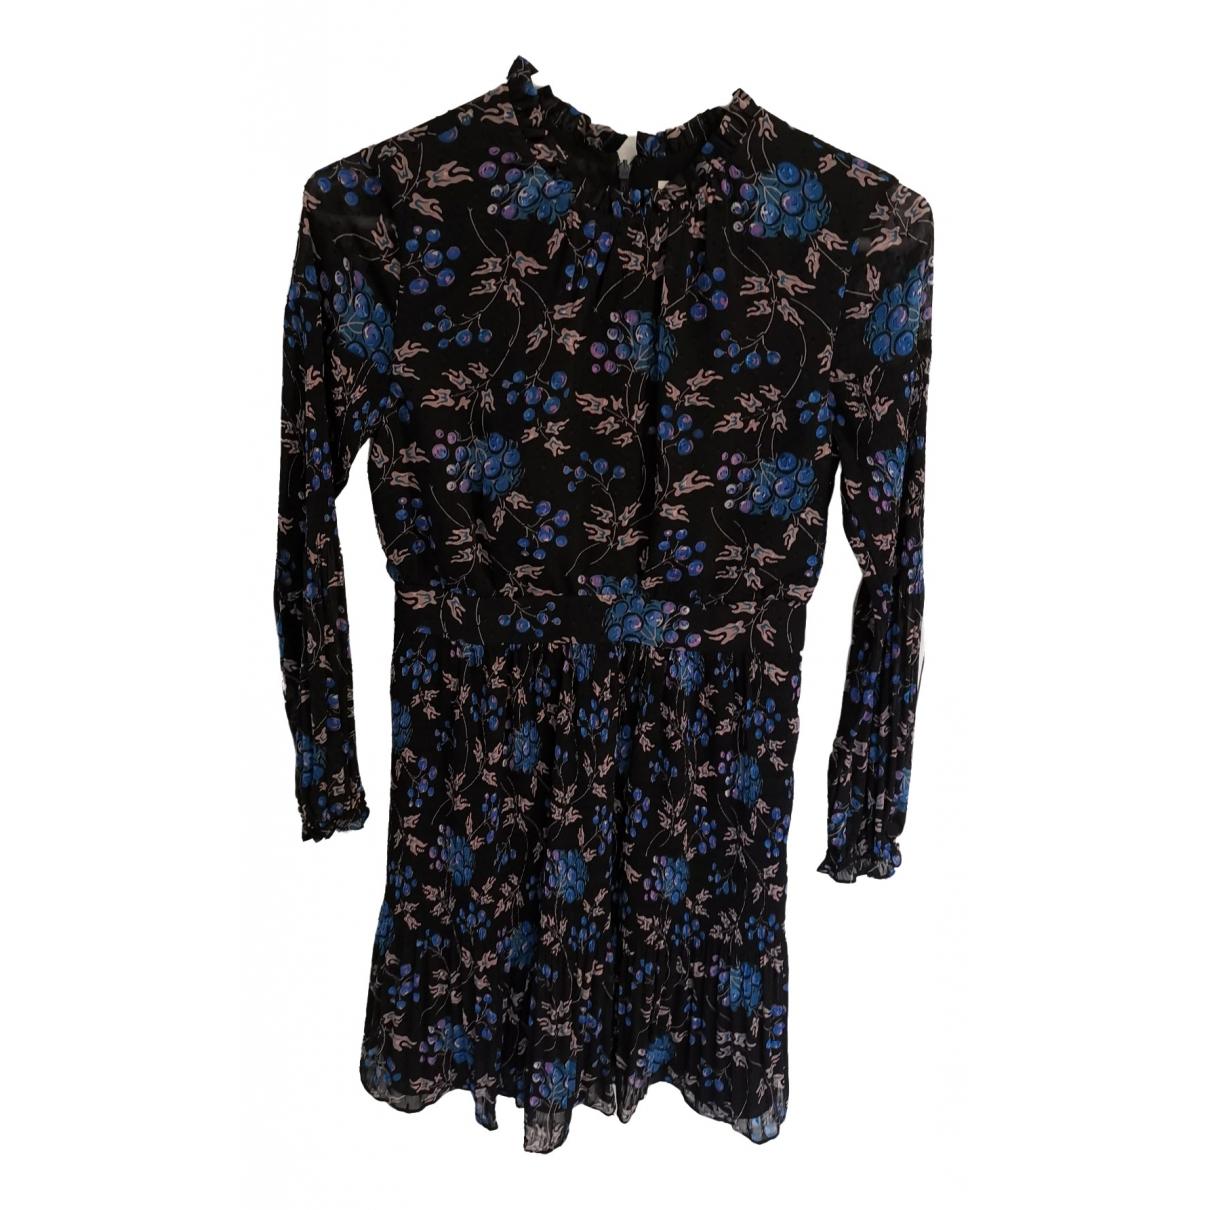 Whistles \N Kleid in  Bunt Polyester